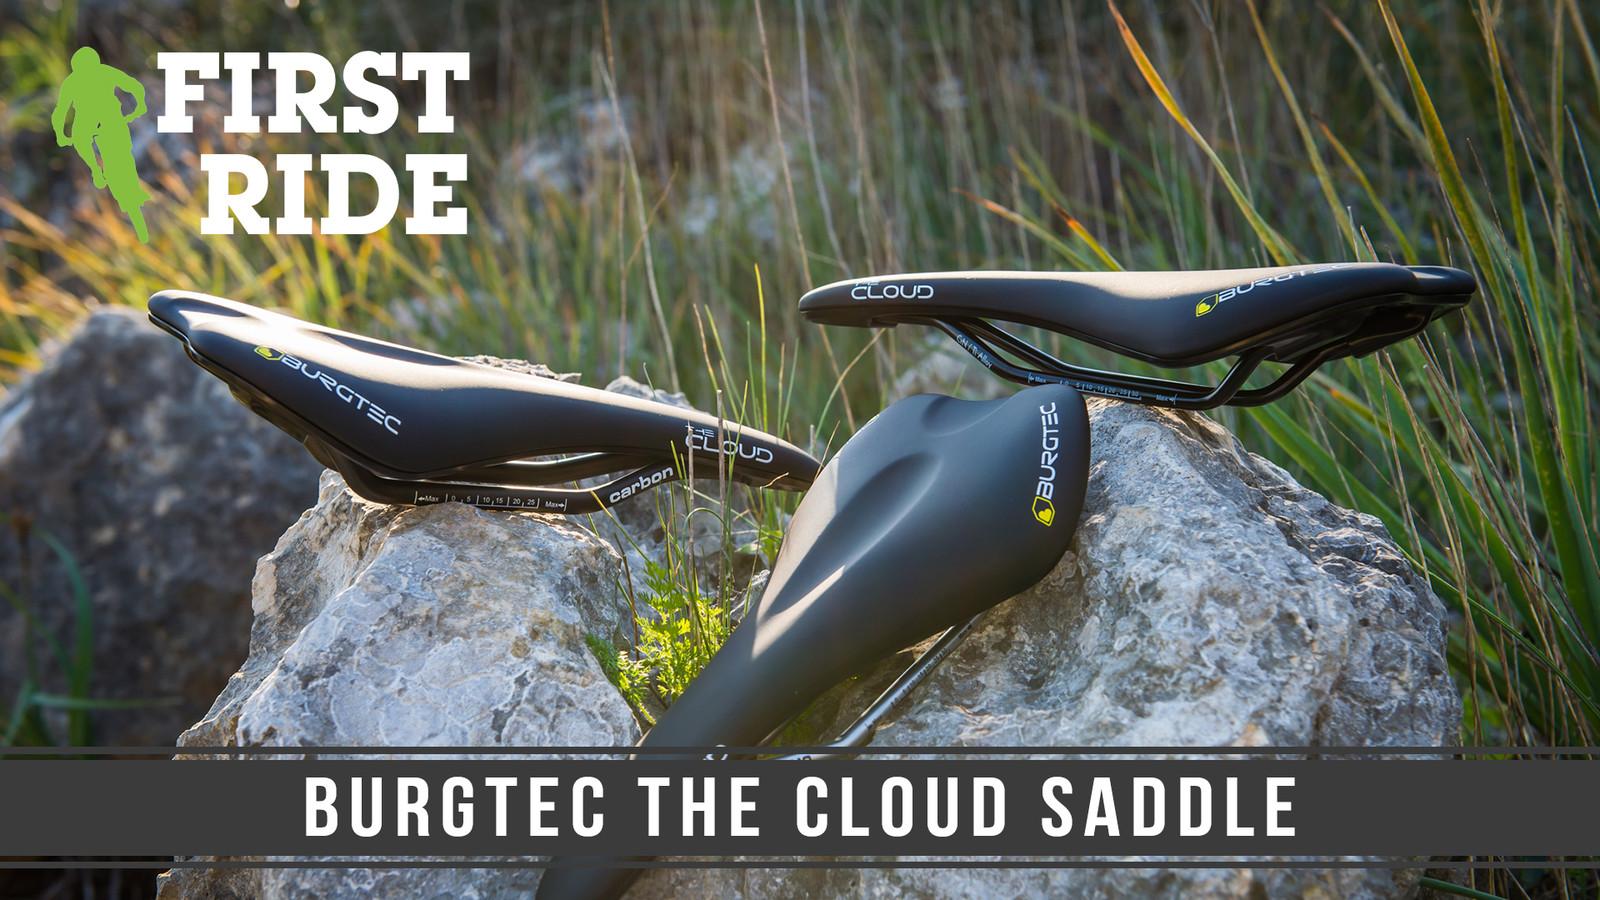 First Ride: Burgtec The Cloud Saddle